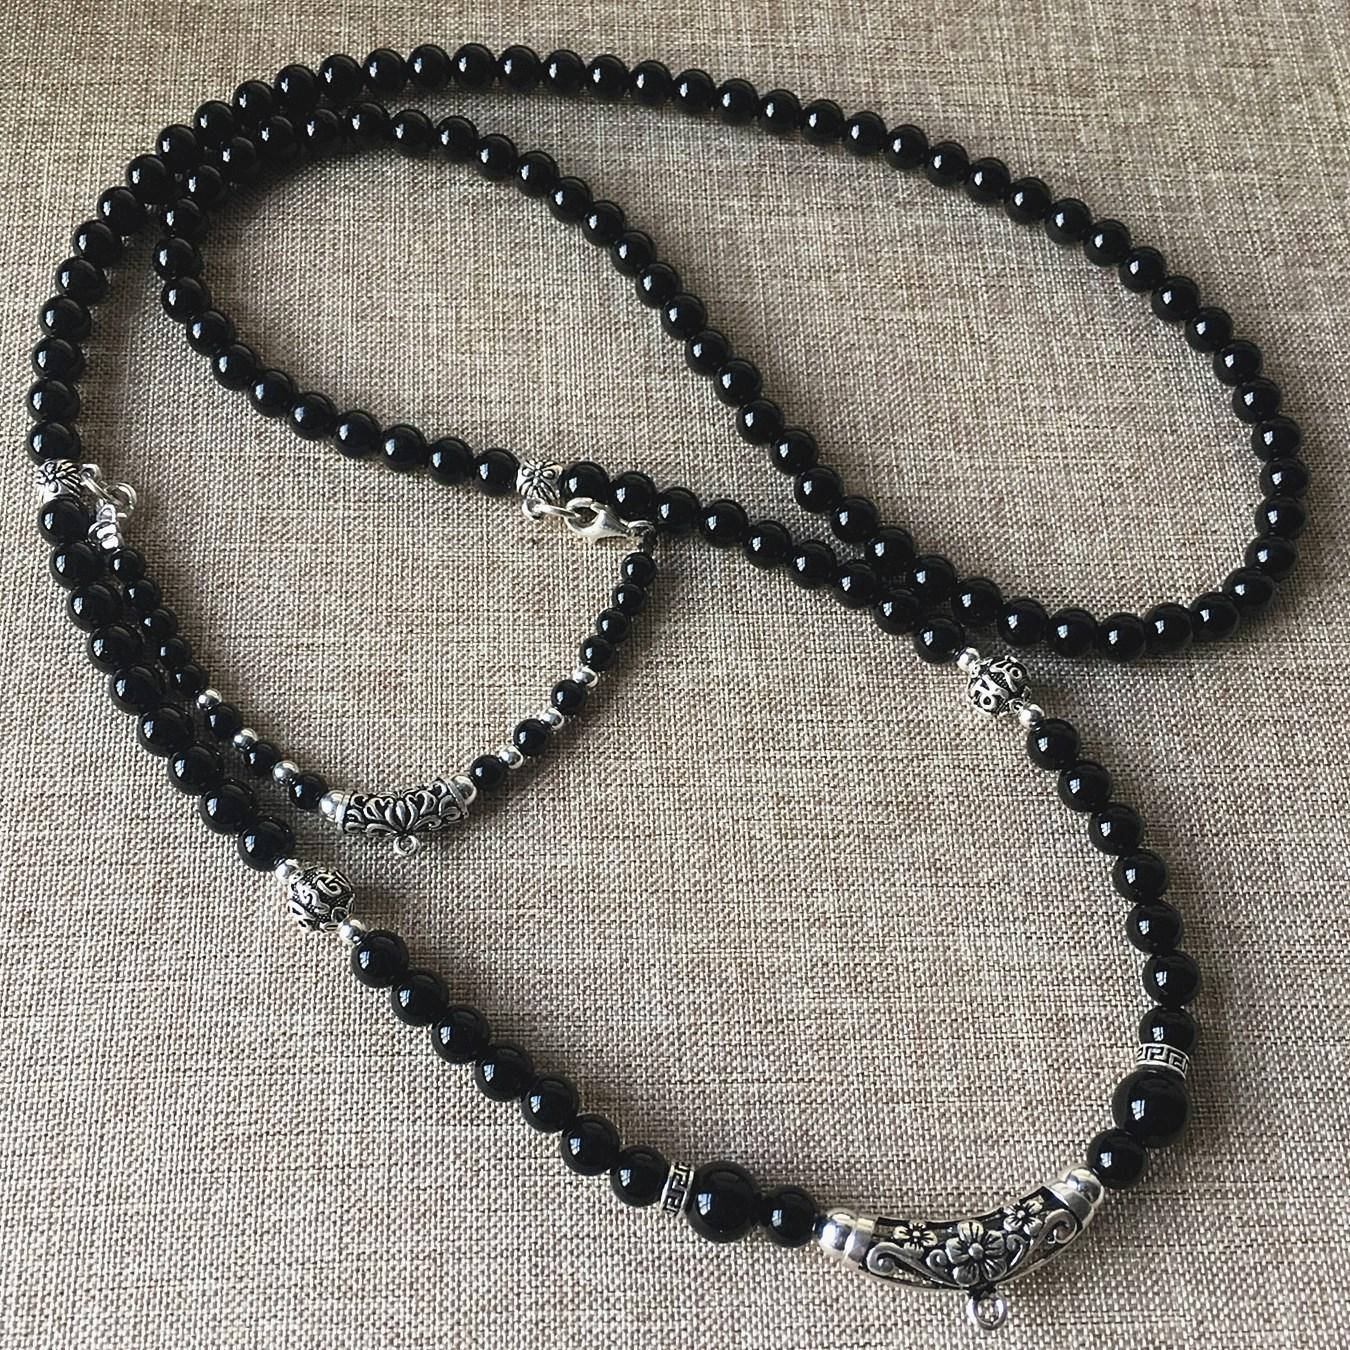 黑玛瑙项链s925纯银泰银配件泰国佛牌双层毛衣挂链可定制其他款式